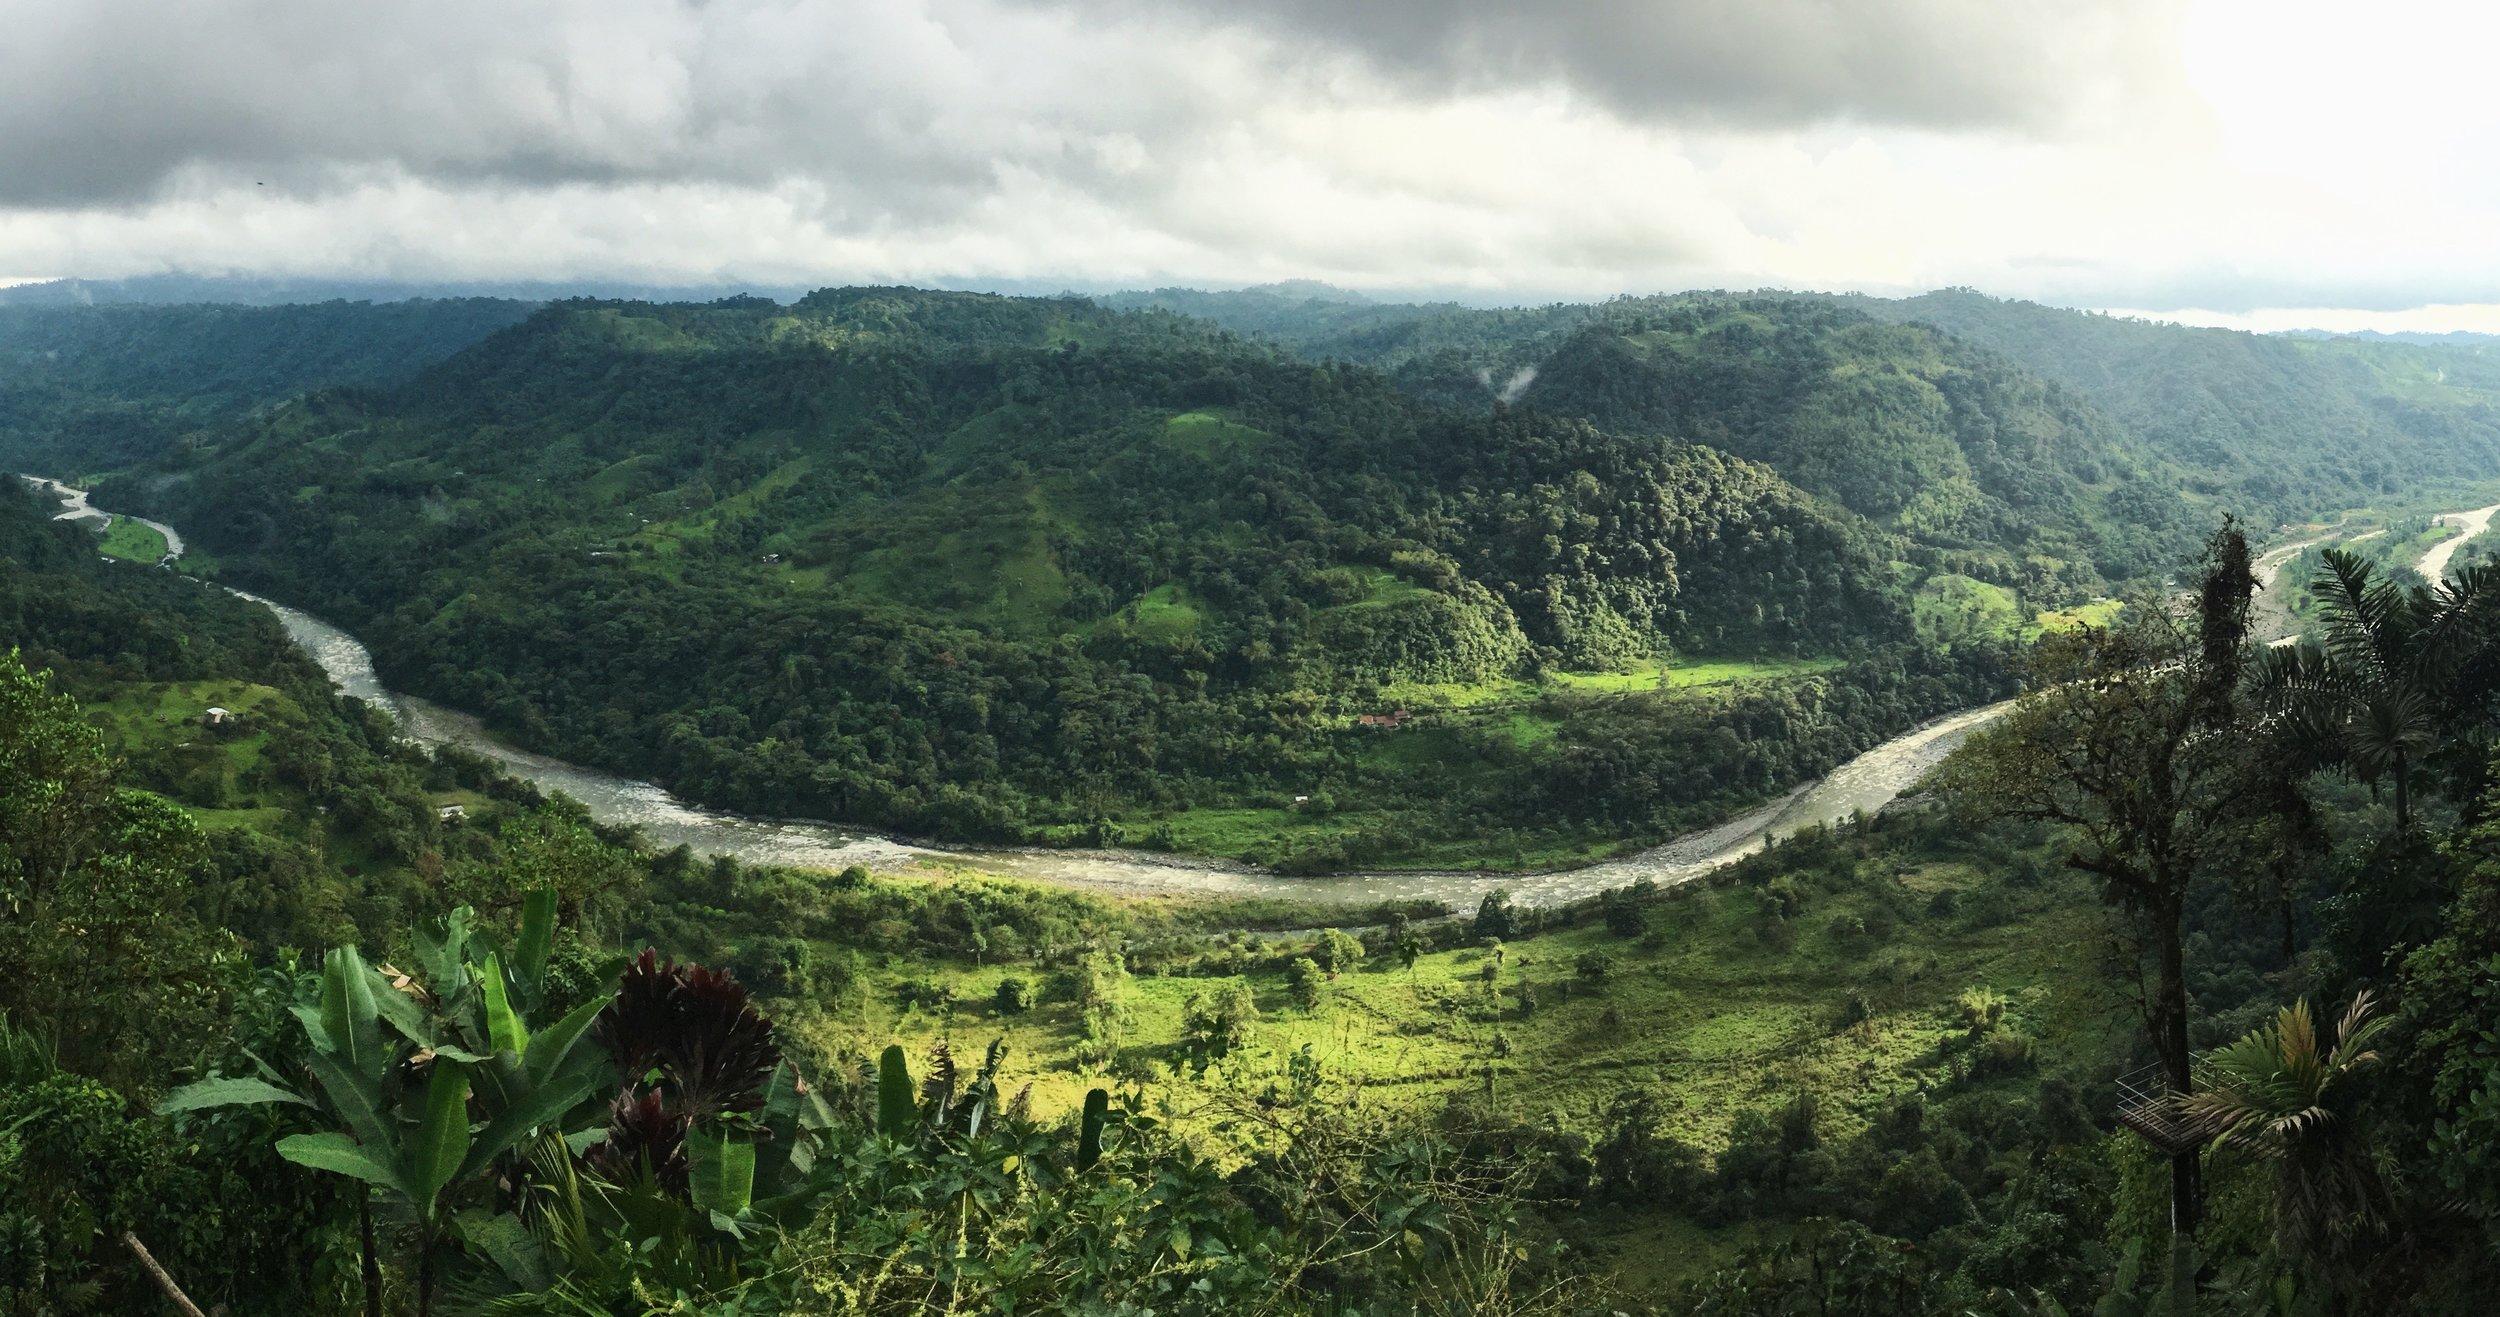 Río Blanco in Mindo Los Bancos in Ecuador. Photo by Scott Stone